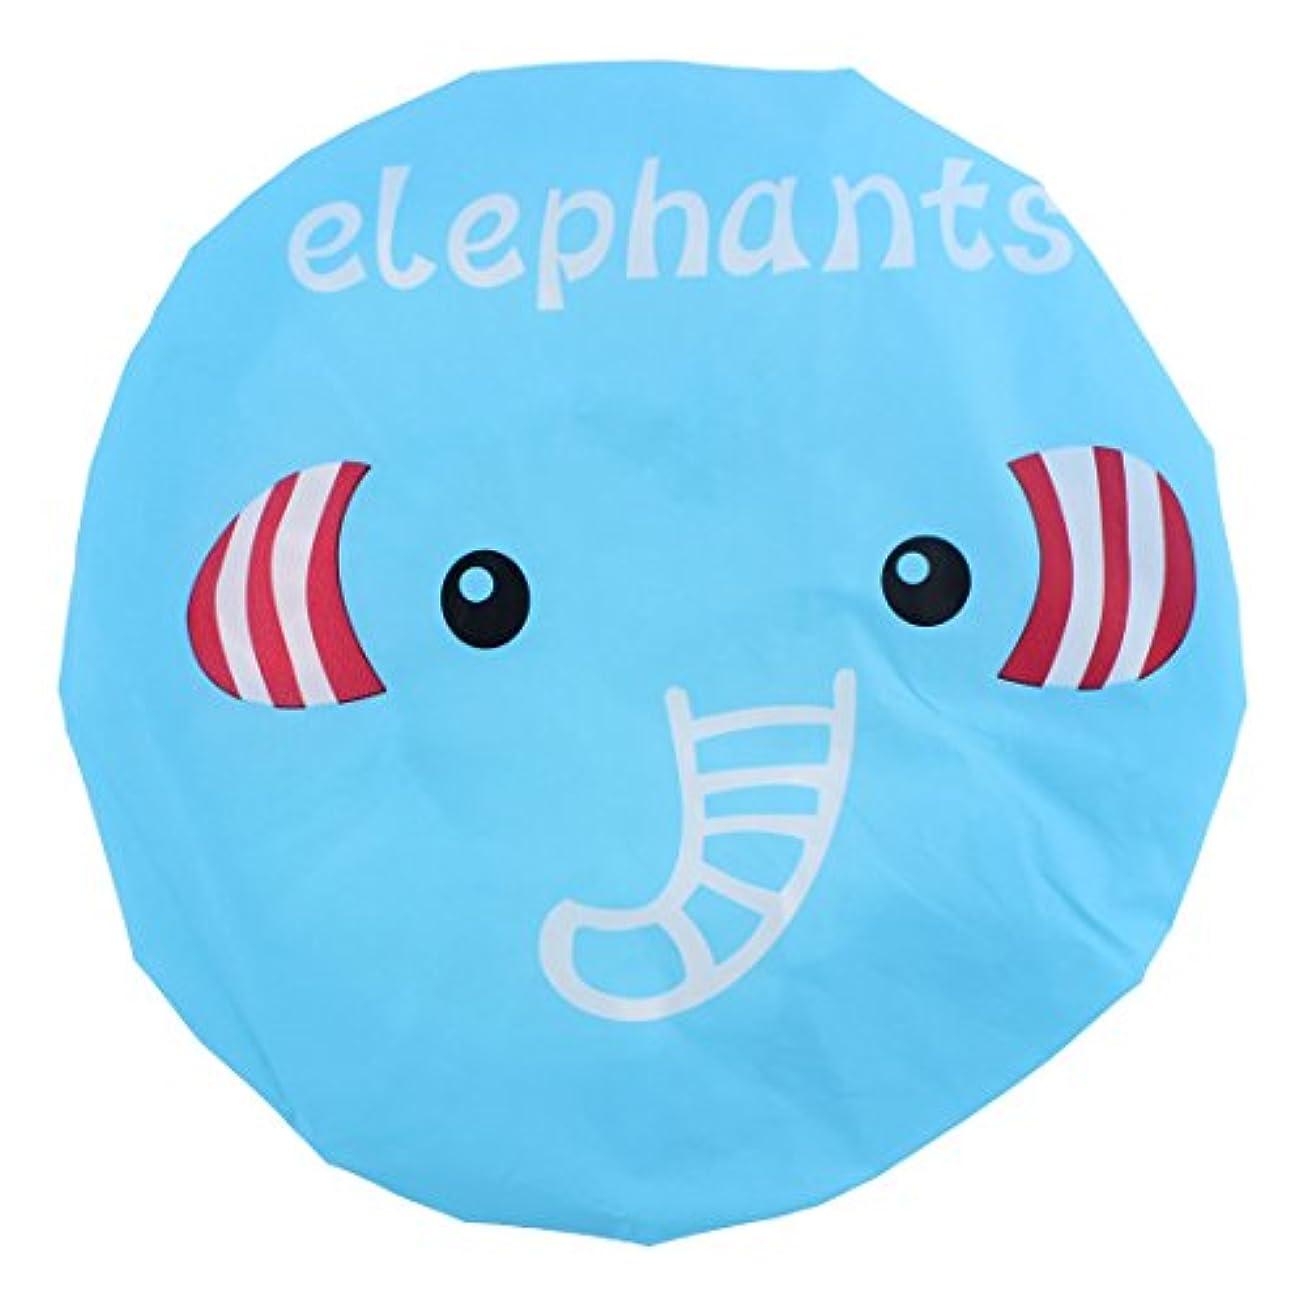 寄付する紛争吸うuxcell シャワーキャップ シャワー帽子 ポリエステル 象のパターン 防水型 弾性バン 耐性 かわいい 浴室スパ用